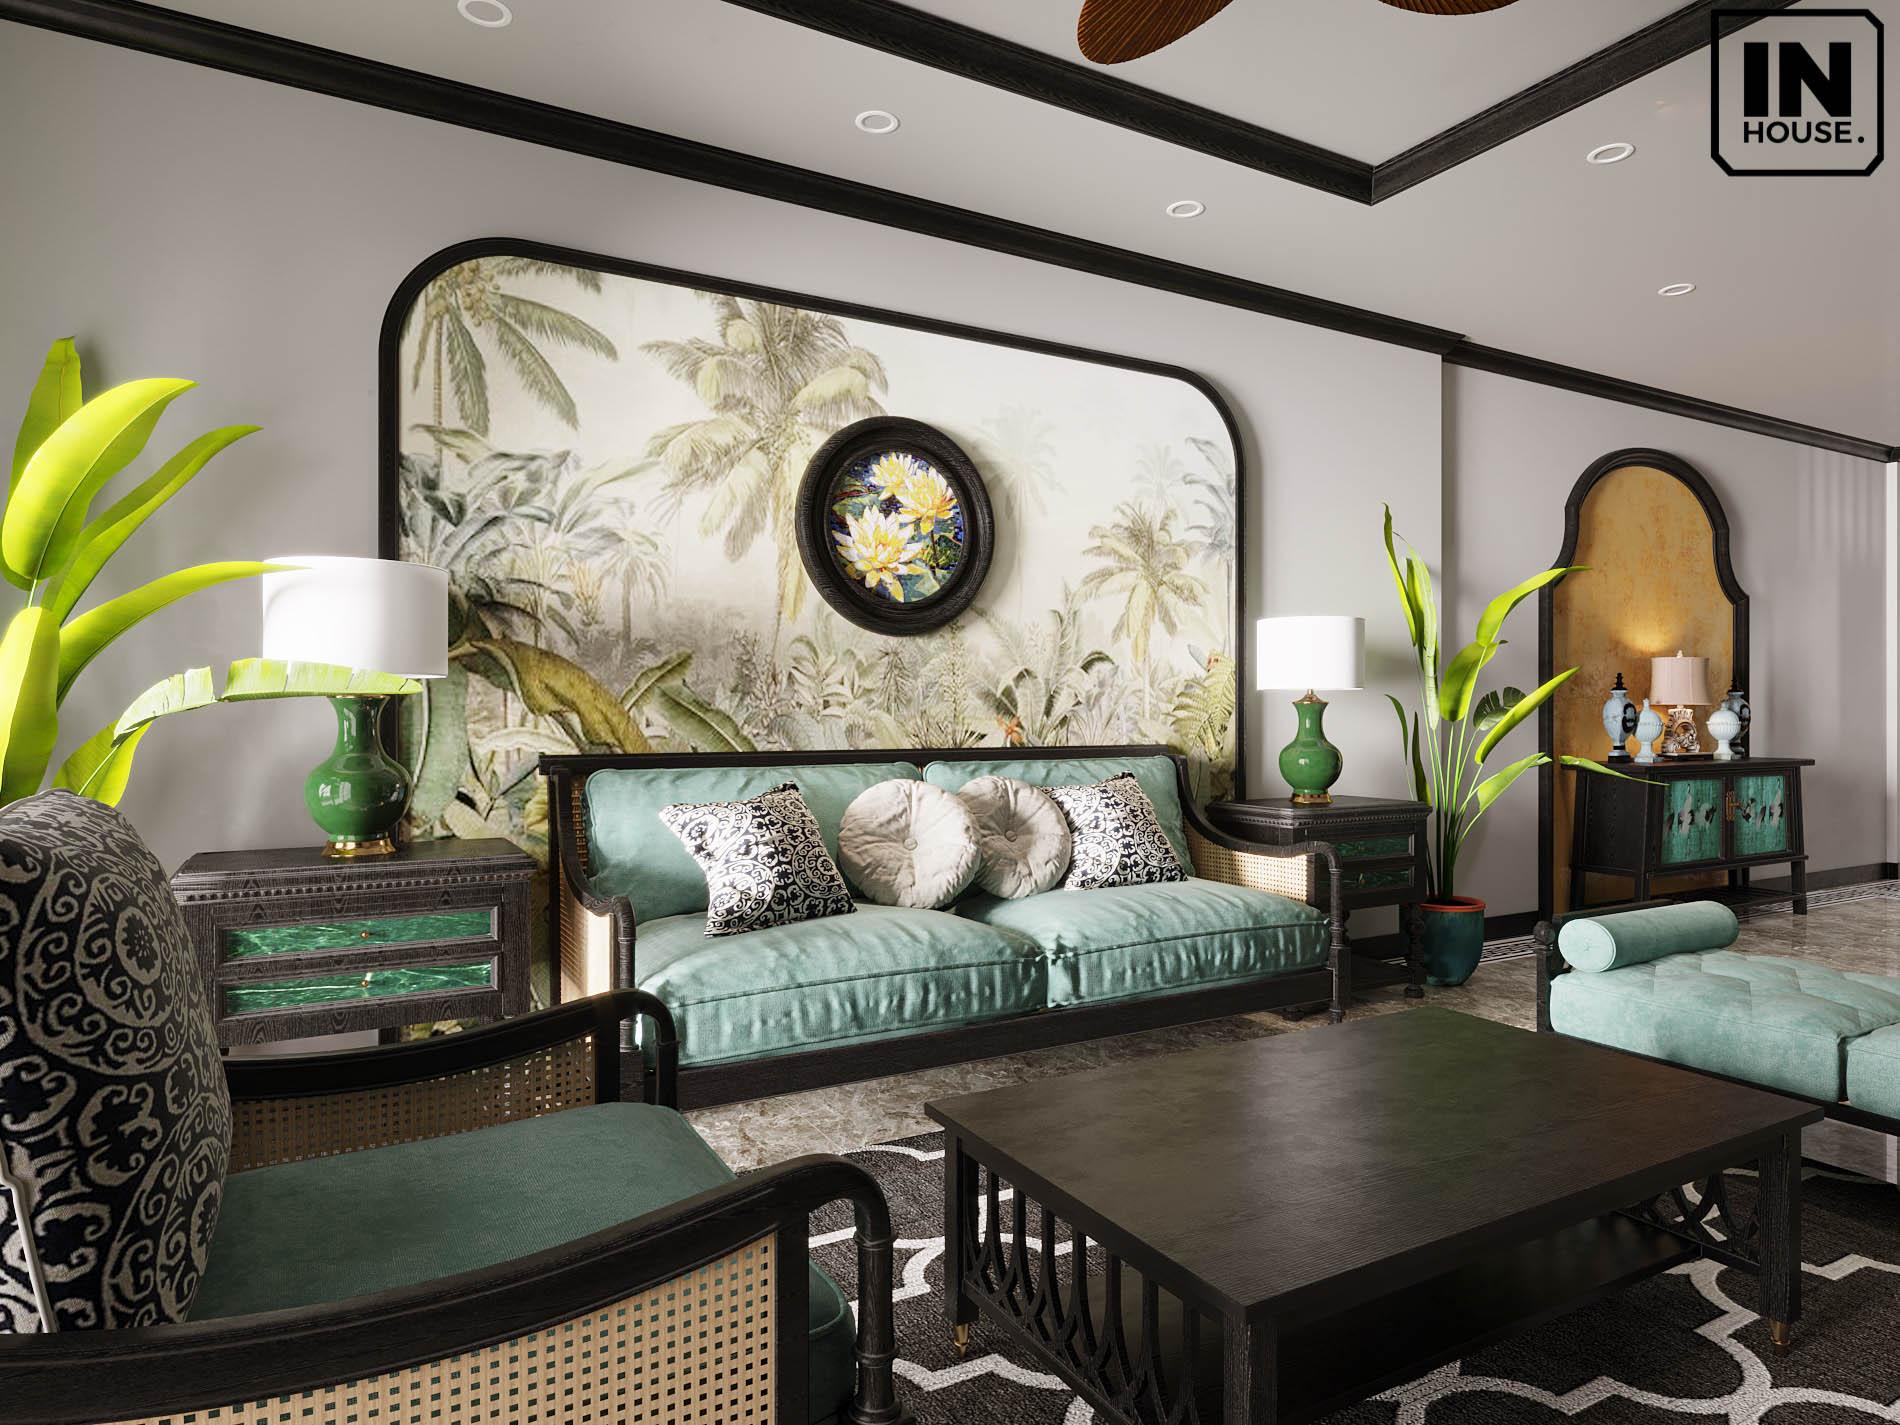 Phong Cách Đông Dương (Indochine Style)